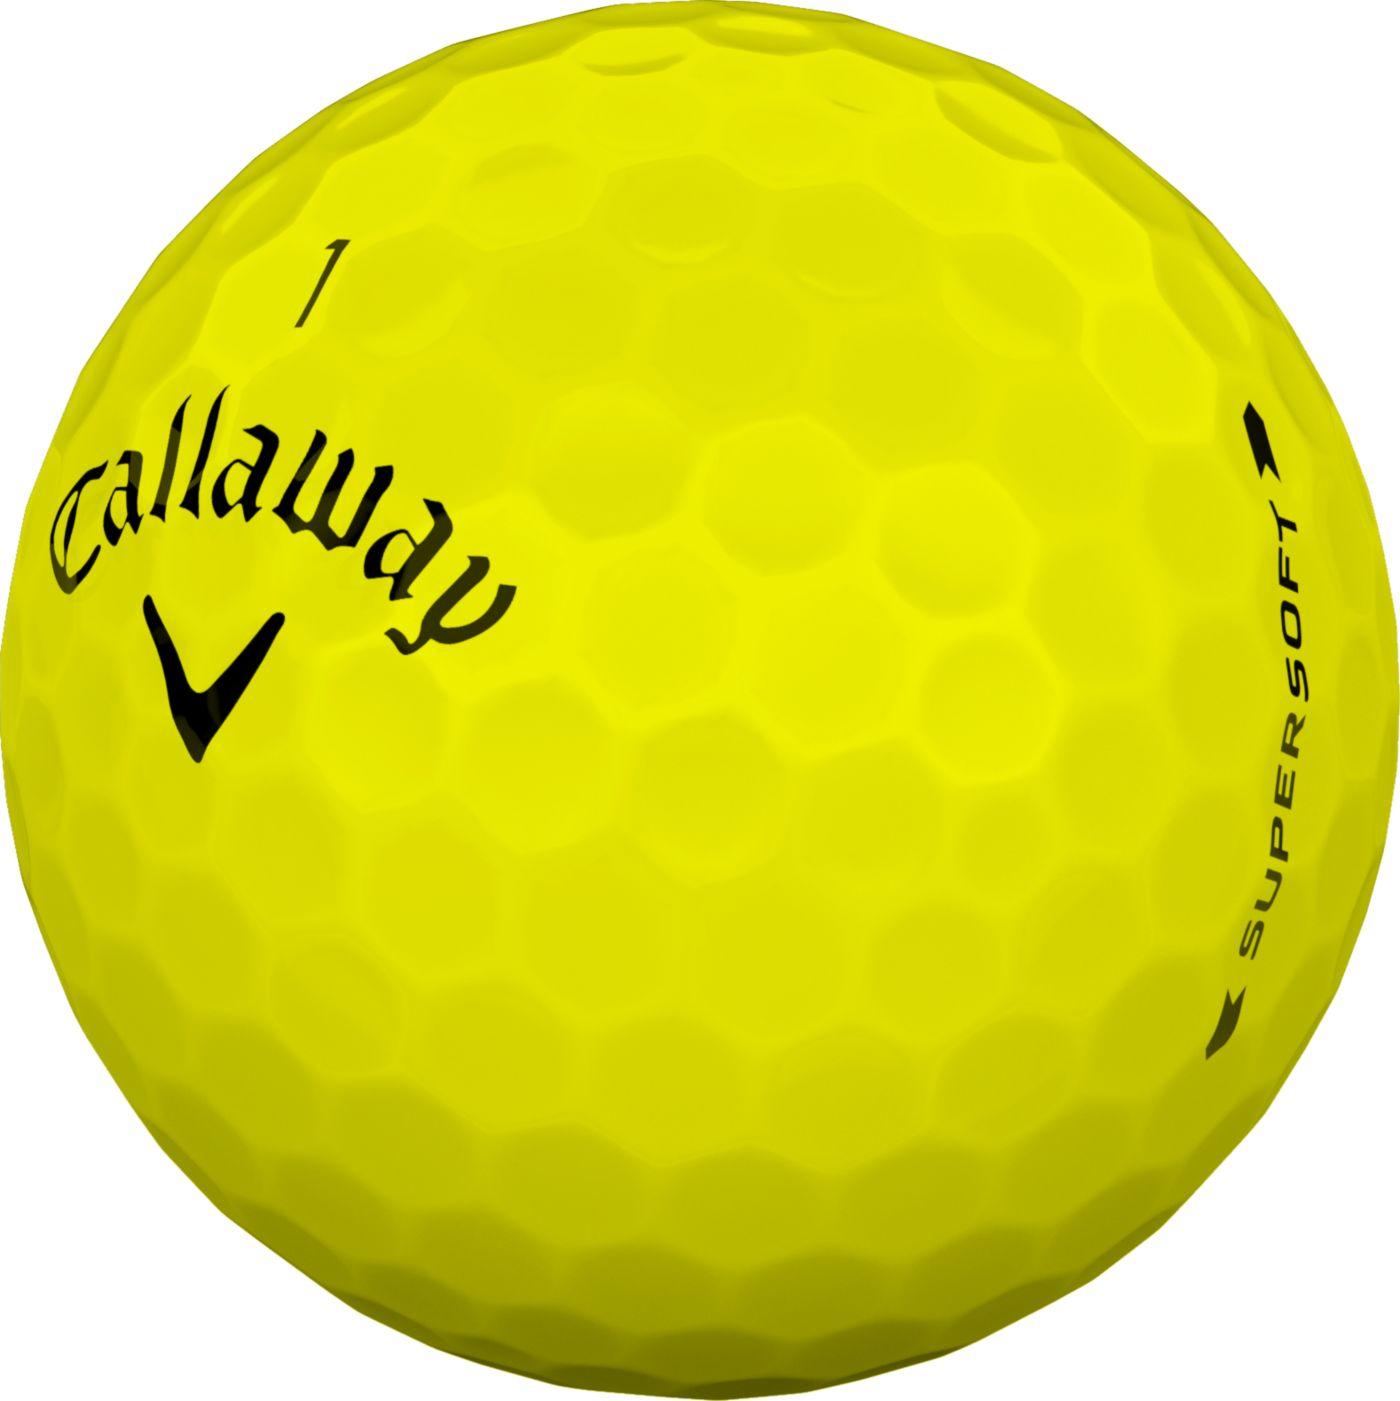 Callaway 2019 Supersoft Yellow Golf Balls